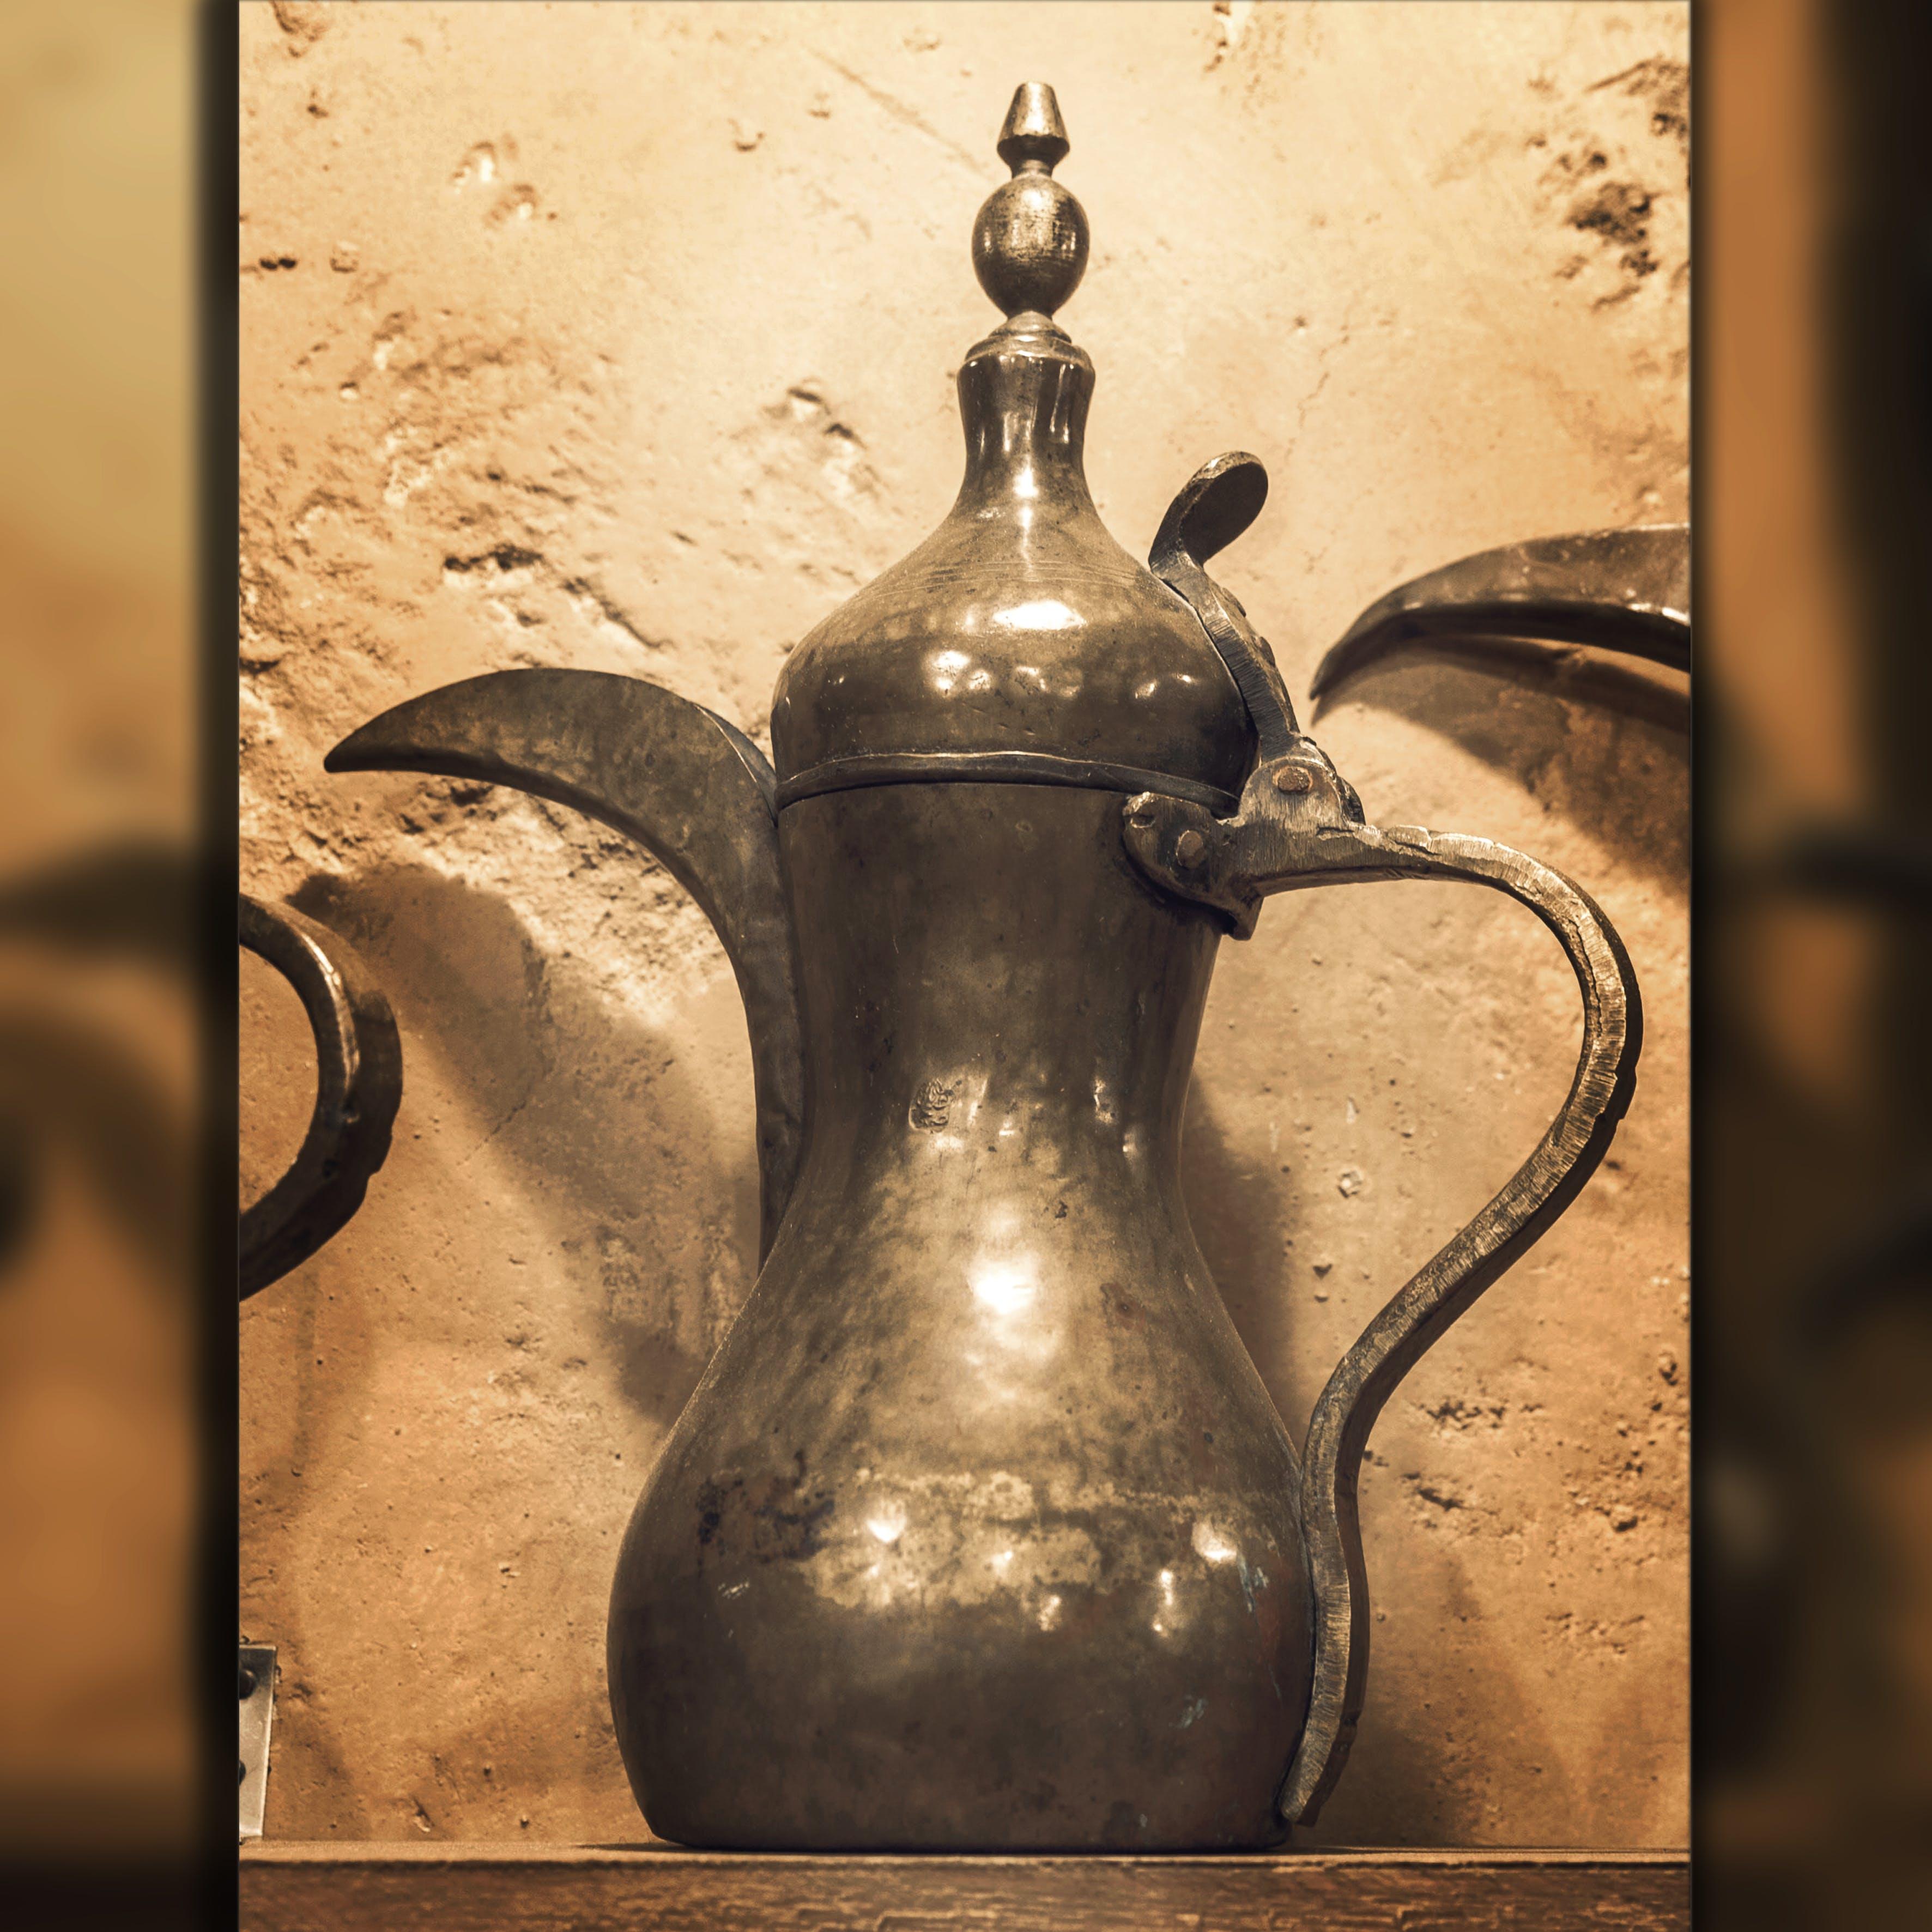 Kostenloses Stock Foto zu beit dickson restaurant, kuwait, kuwait foto, kuwait kulturerbe